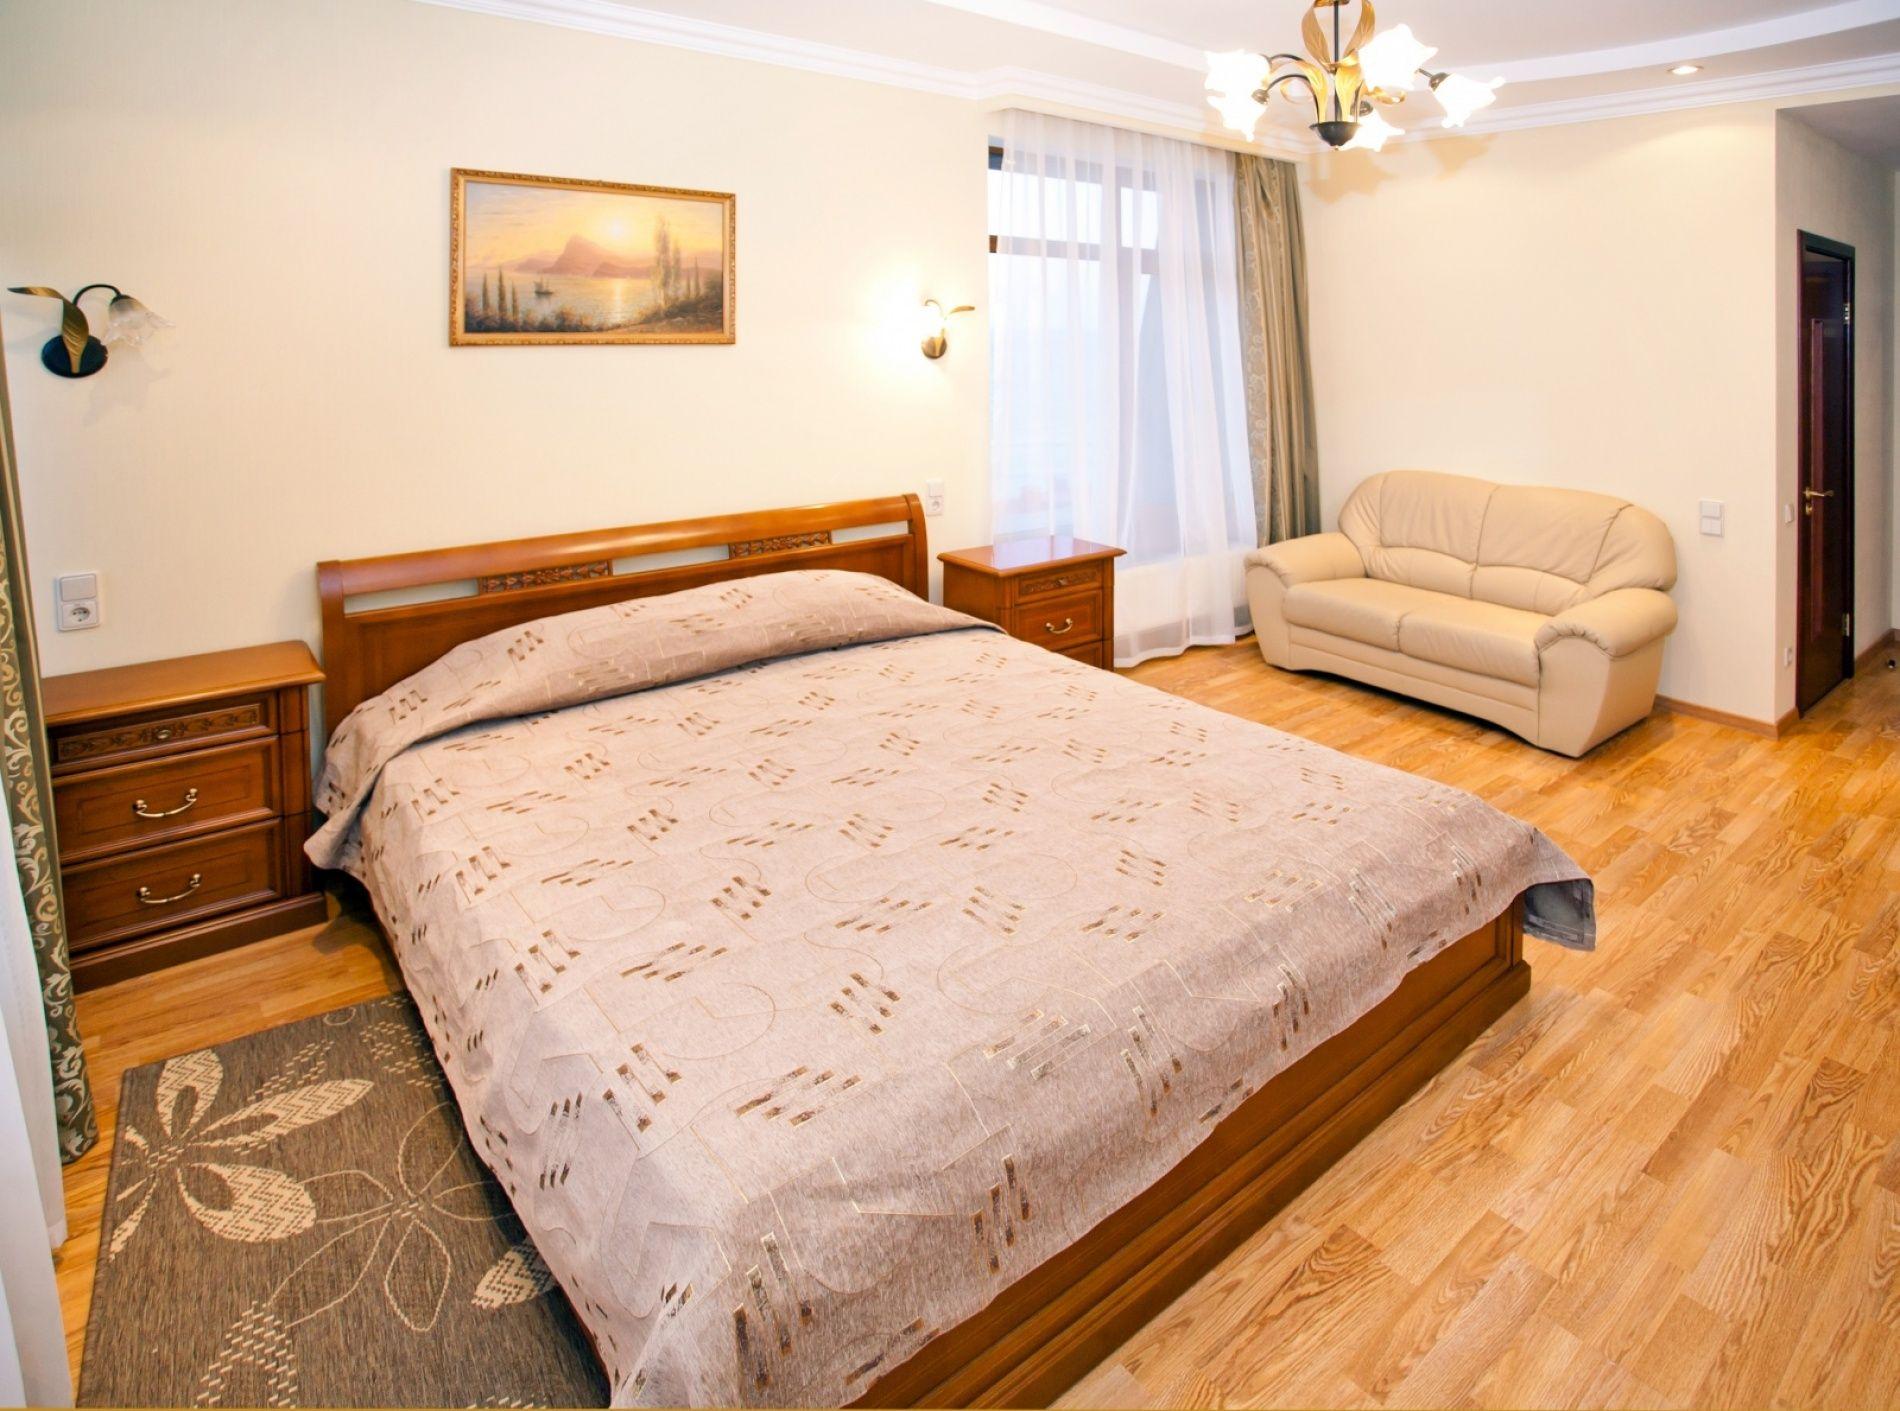 Гостиница «Вилла Аль-Марин» Республика Крым Номер «Люкс А», фото 1